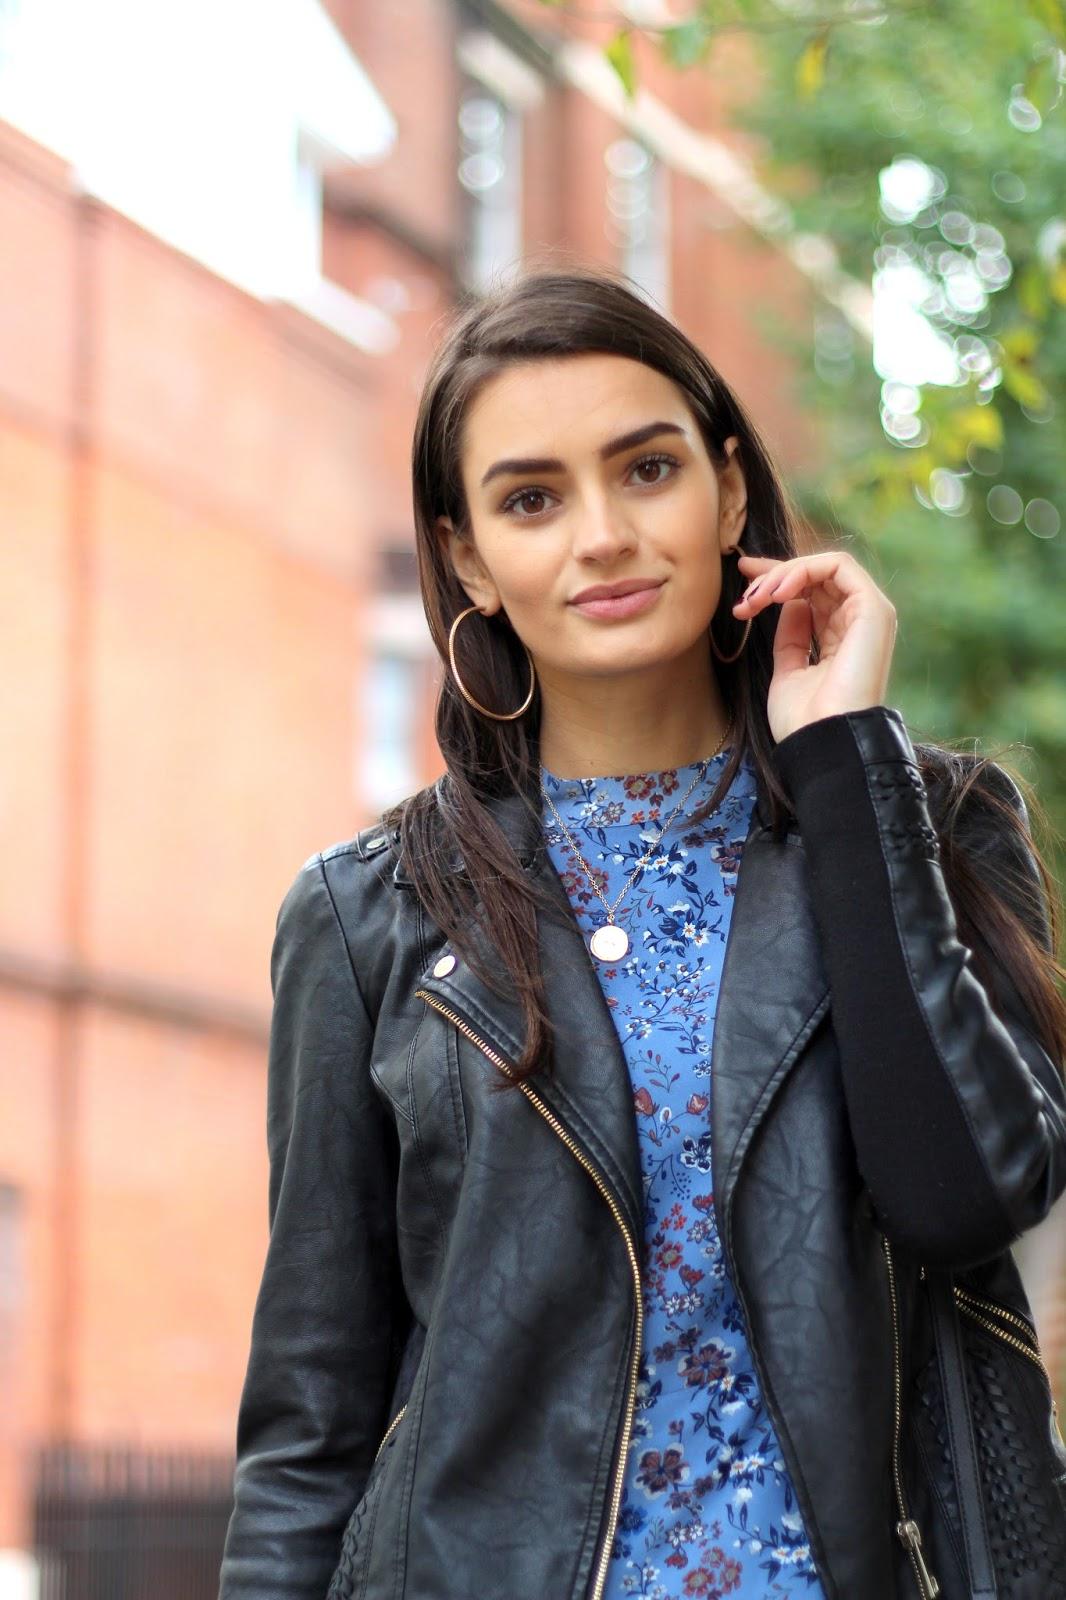 peexo autumn blogger